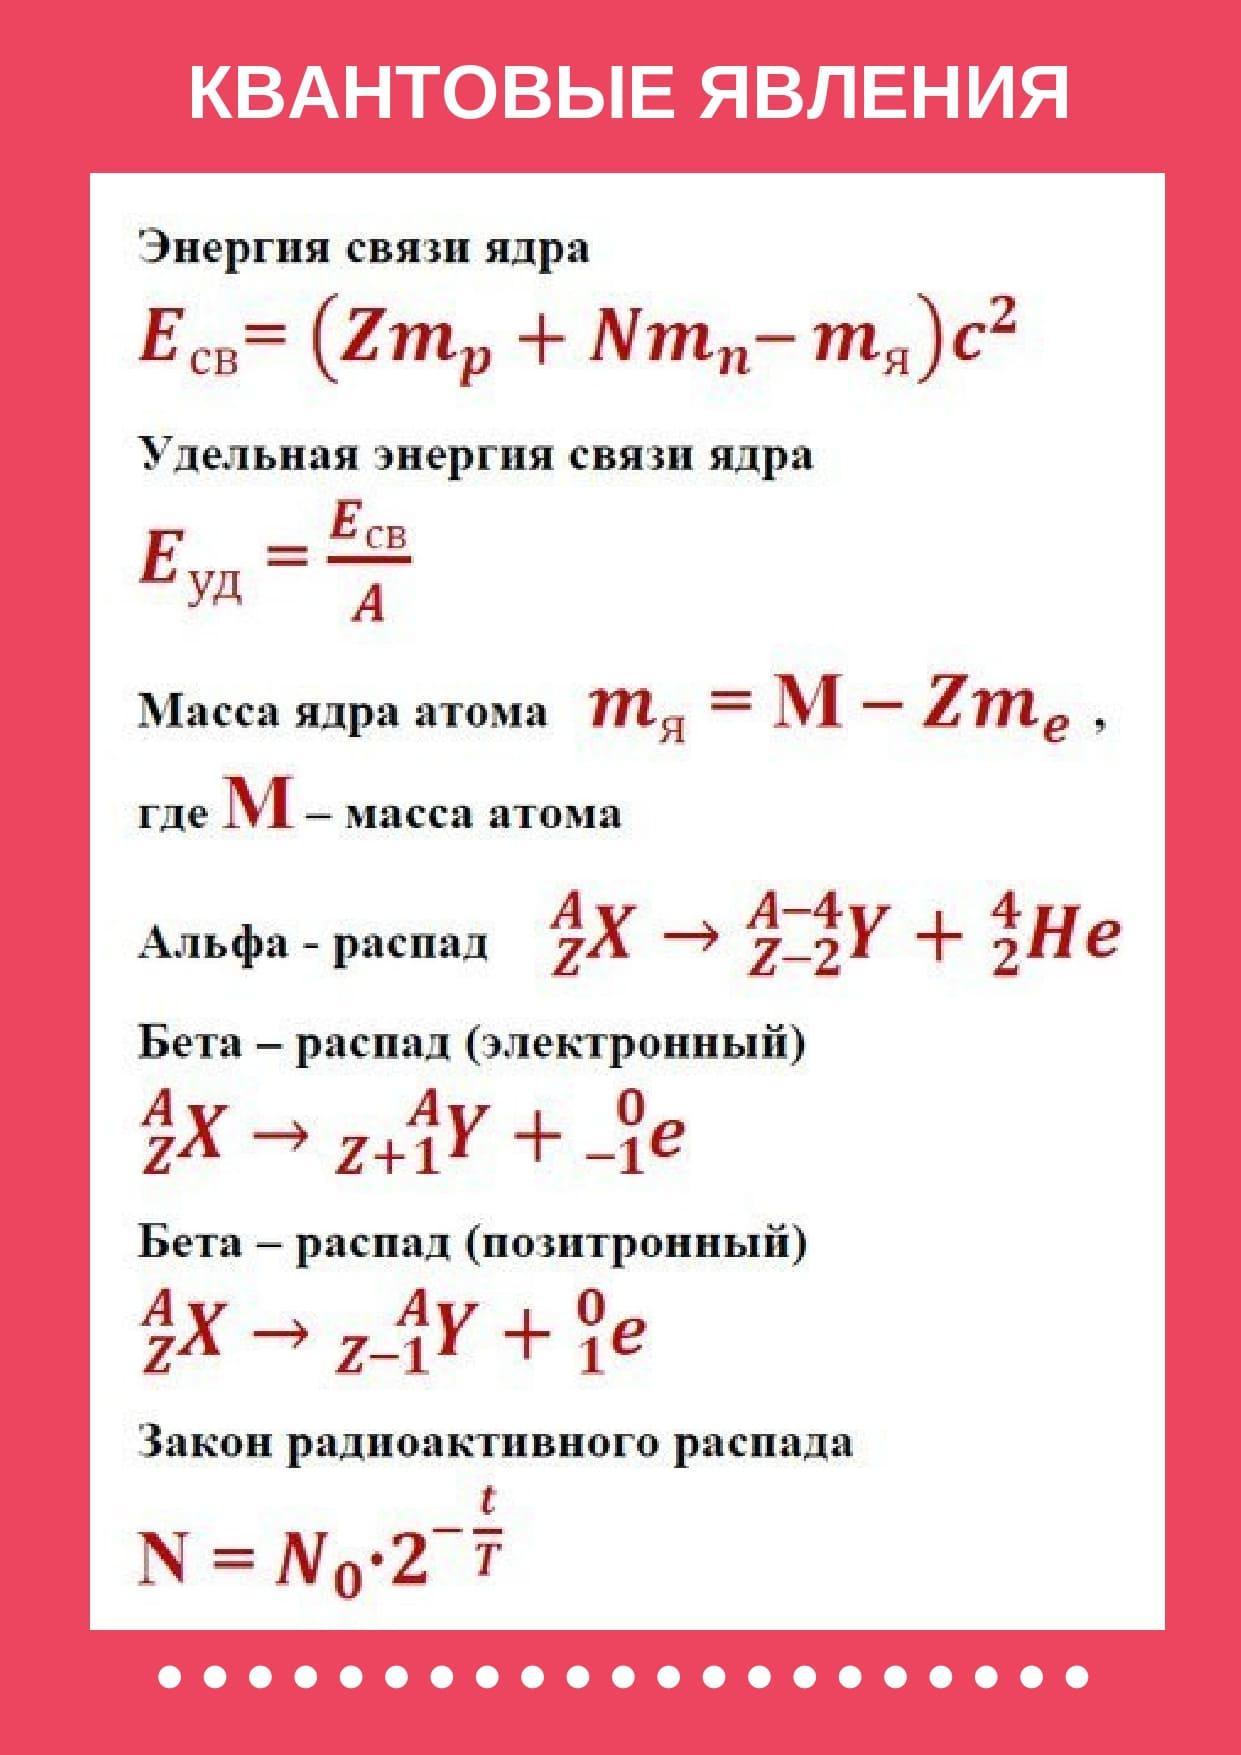 Формулы квантовые явления